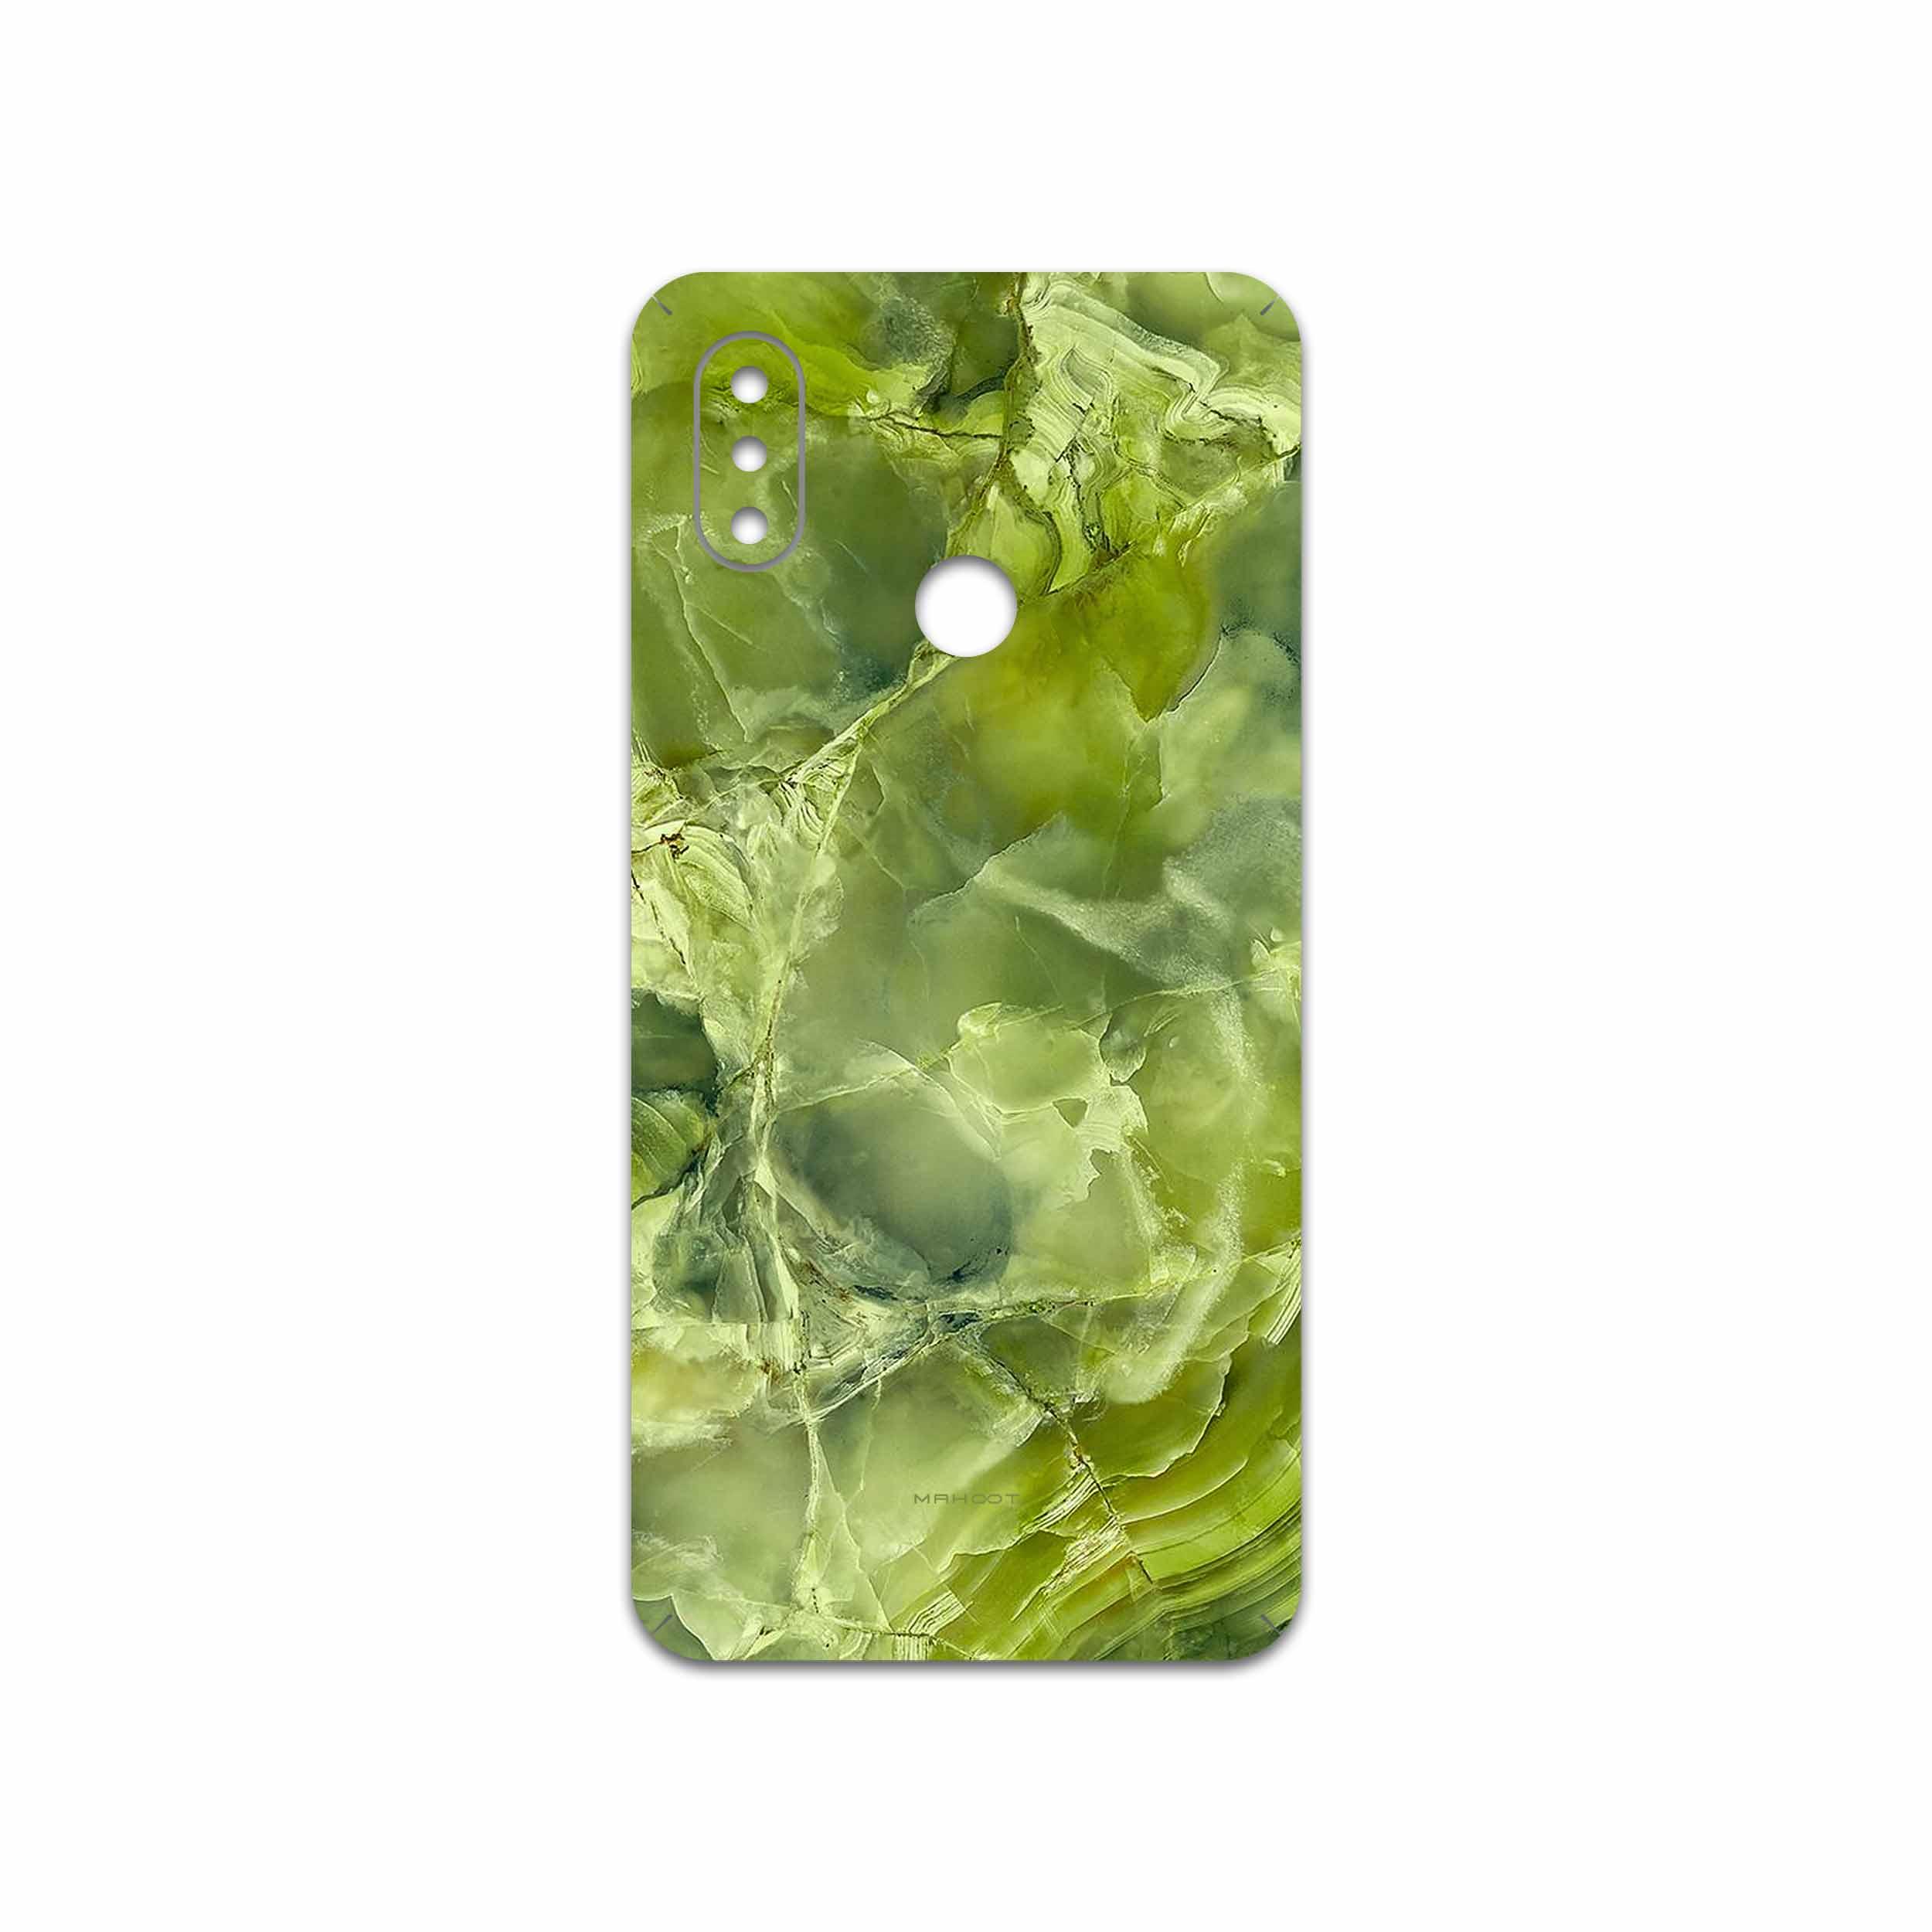 برچسب پوششی ماهوت مدل Green Crystal Marble مناسب برای گوشی موبایل شیائومی Mi 8